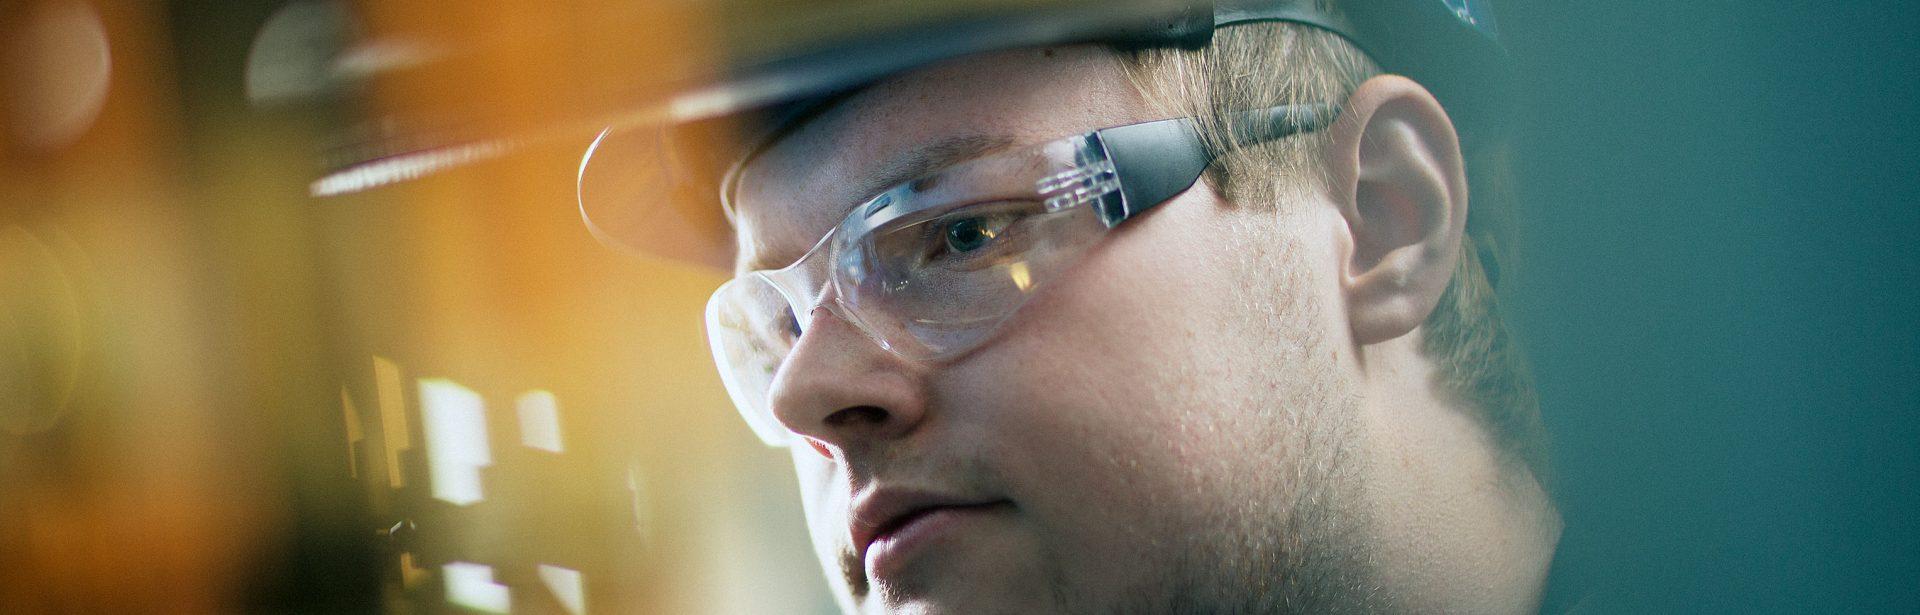 Elpro-Bygg-og-Industri-Kontakt